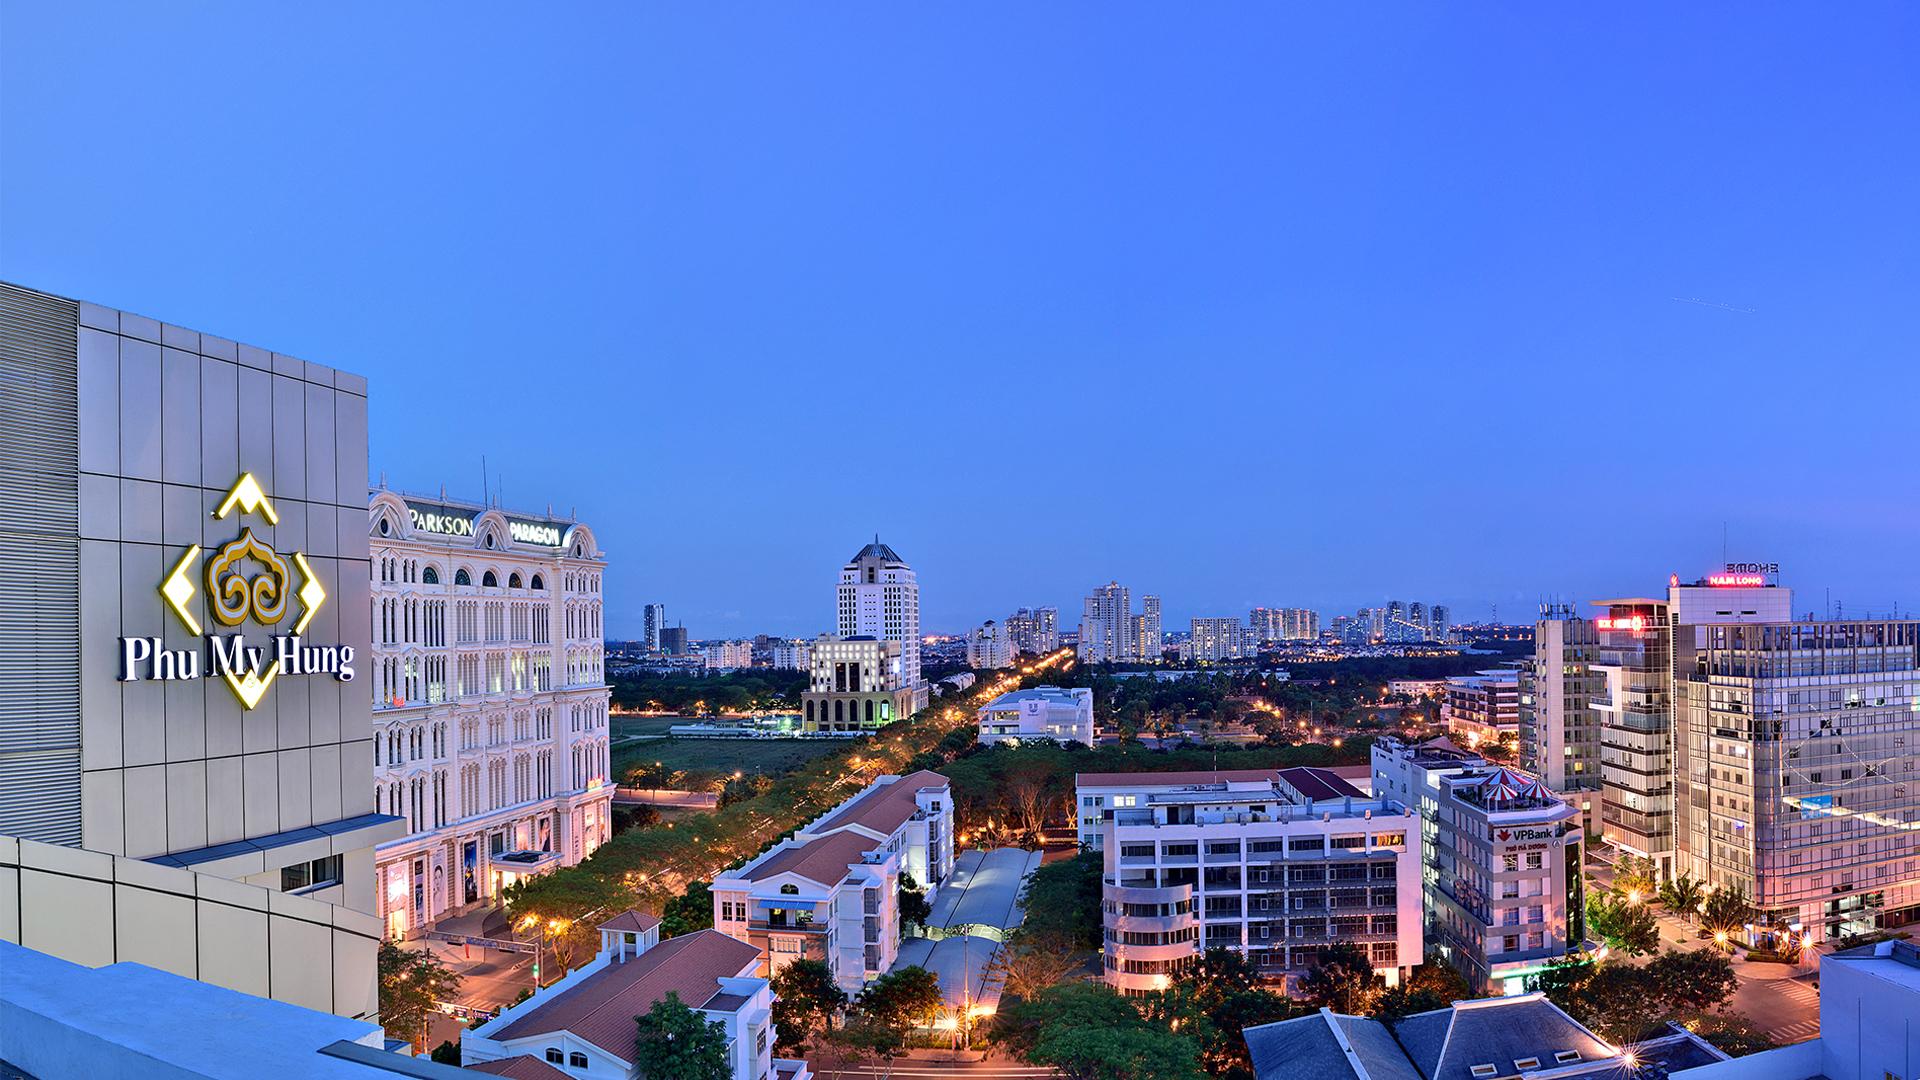 toa nha phu my hung - 5 cụm đô thị do Phú Mỹ Hưng phát triển